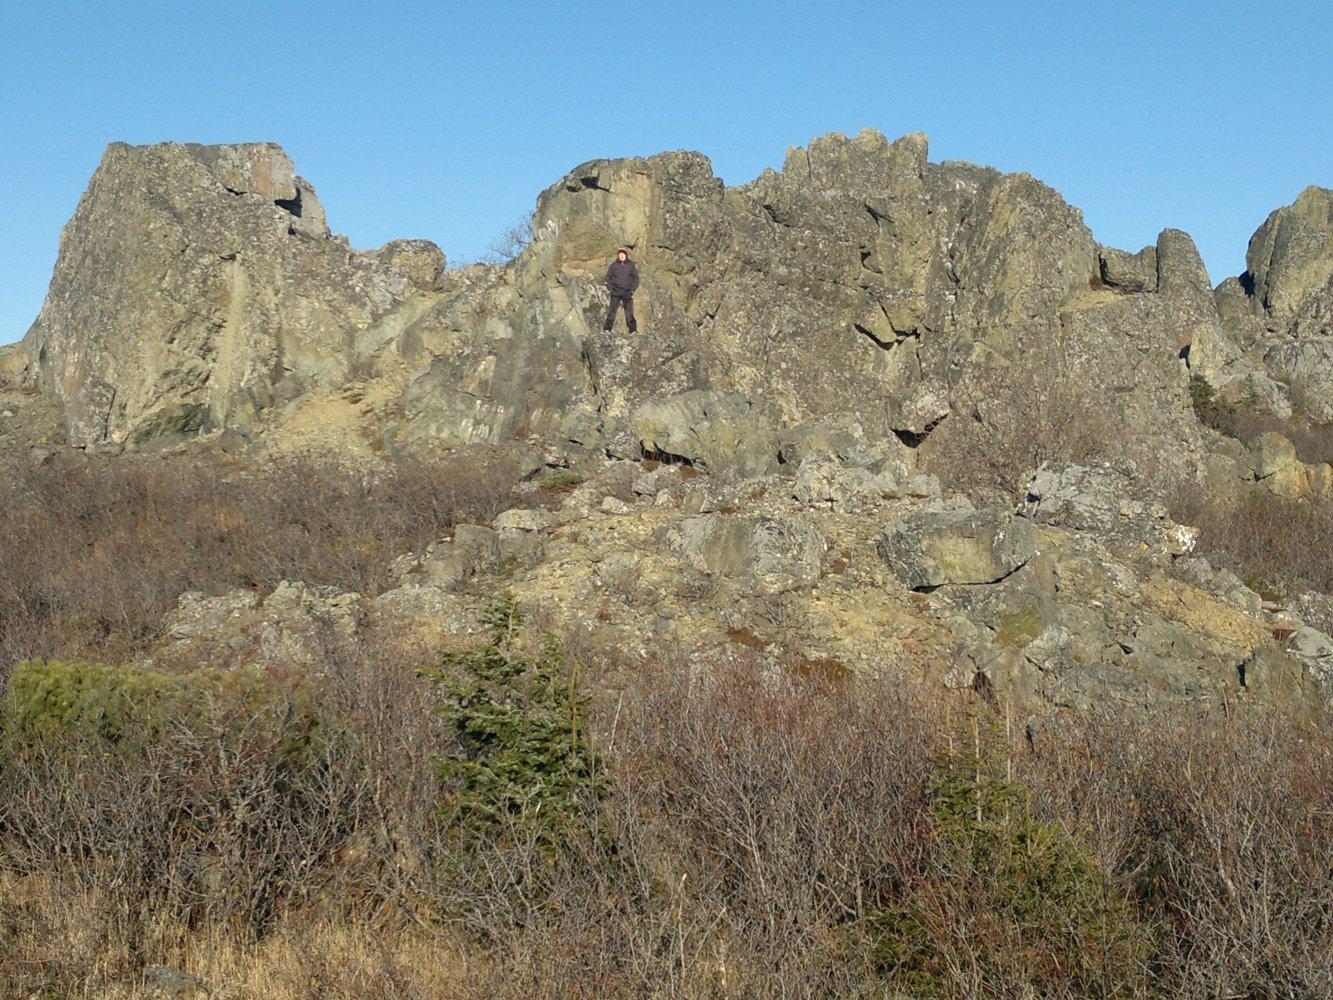 Фото 2012-10-23-390.jpg. Россия, Хабаровский край